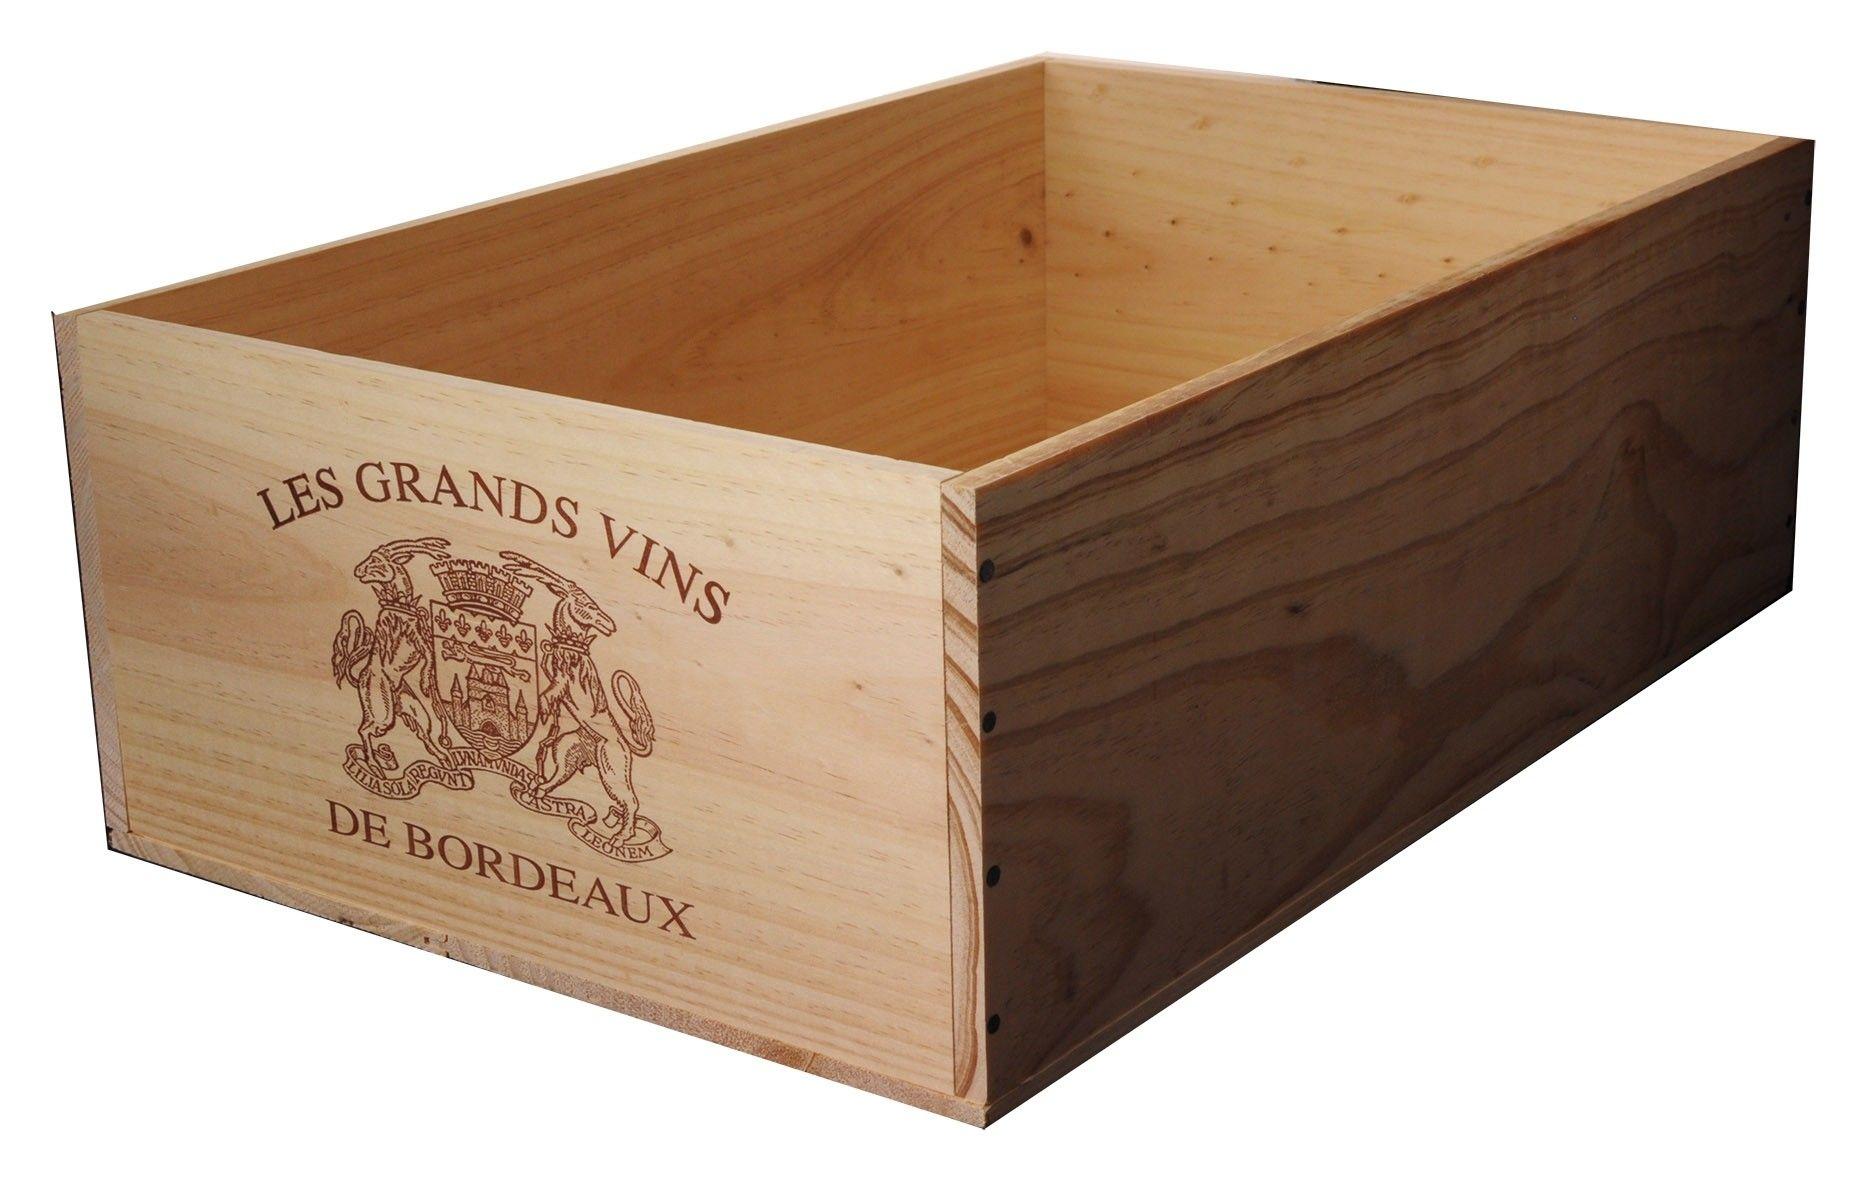 Achat La Caisse Bois 12x75cl Estampille Grands Vins De Bordeaux Odyssee Vins Caisse Bois Vin Bordeaux Caisse Bois Vin